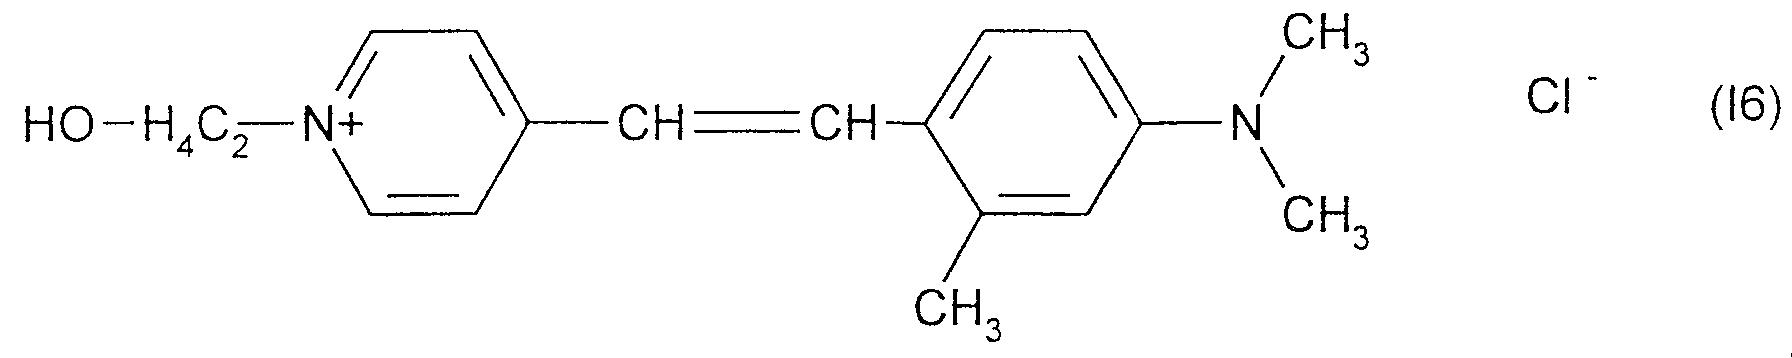 Figure imgf000047_0005